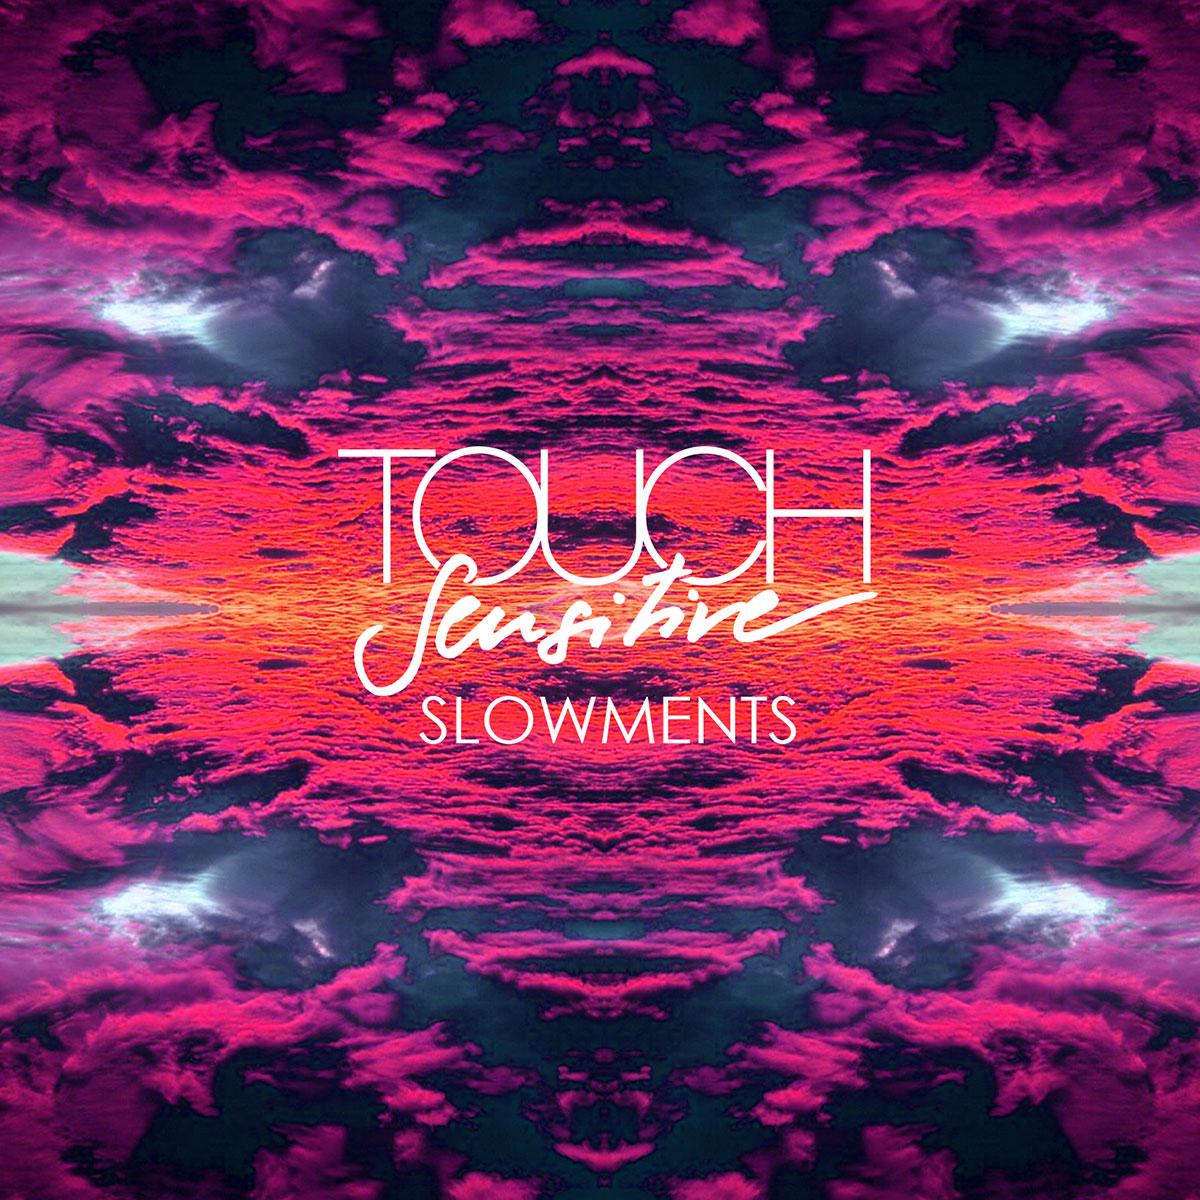 Touch Sensitive - Slowments